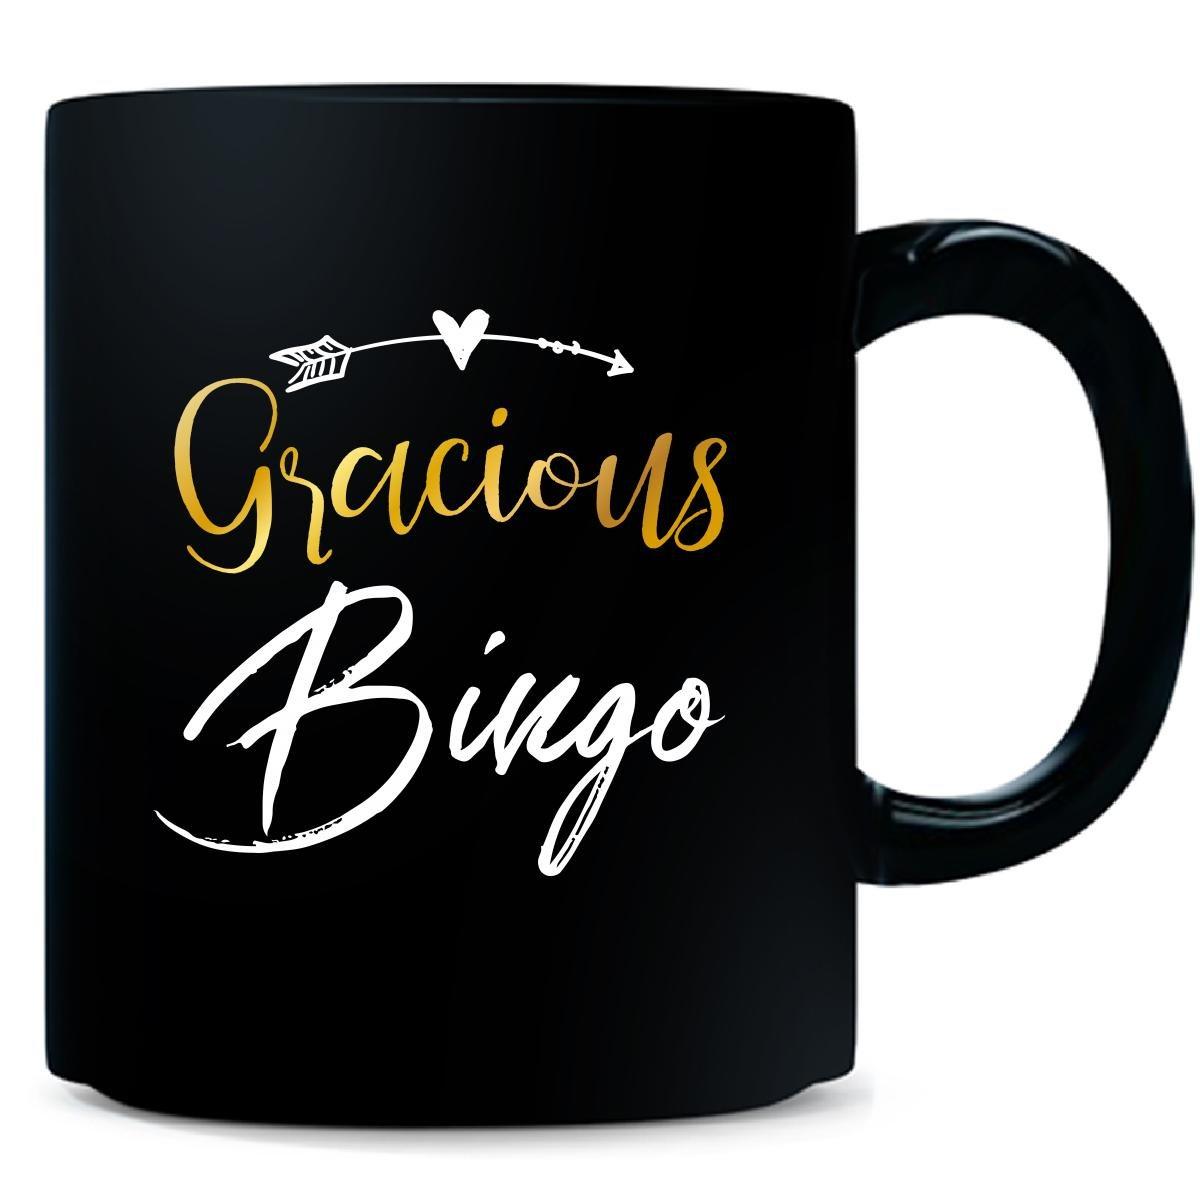 Gracious Bingo Name Mothers Day Present Grandma - Mug by My Family Tee